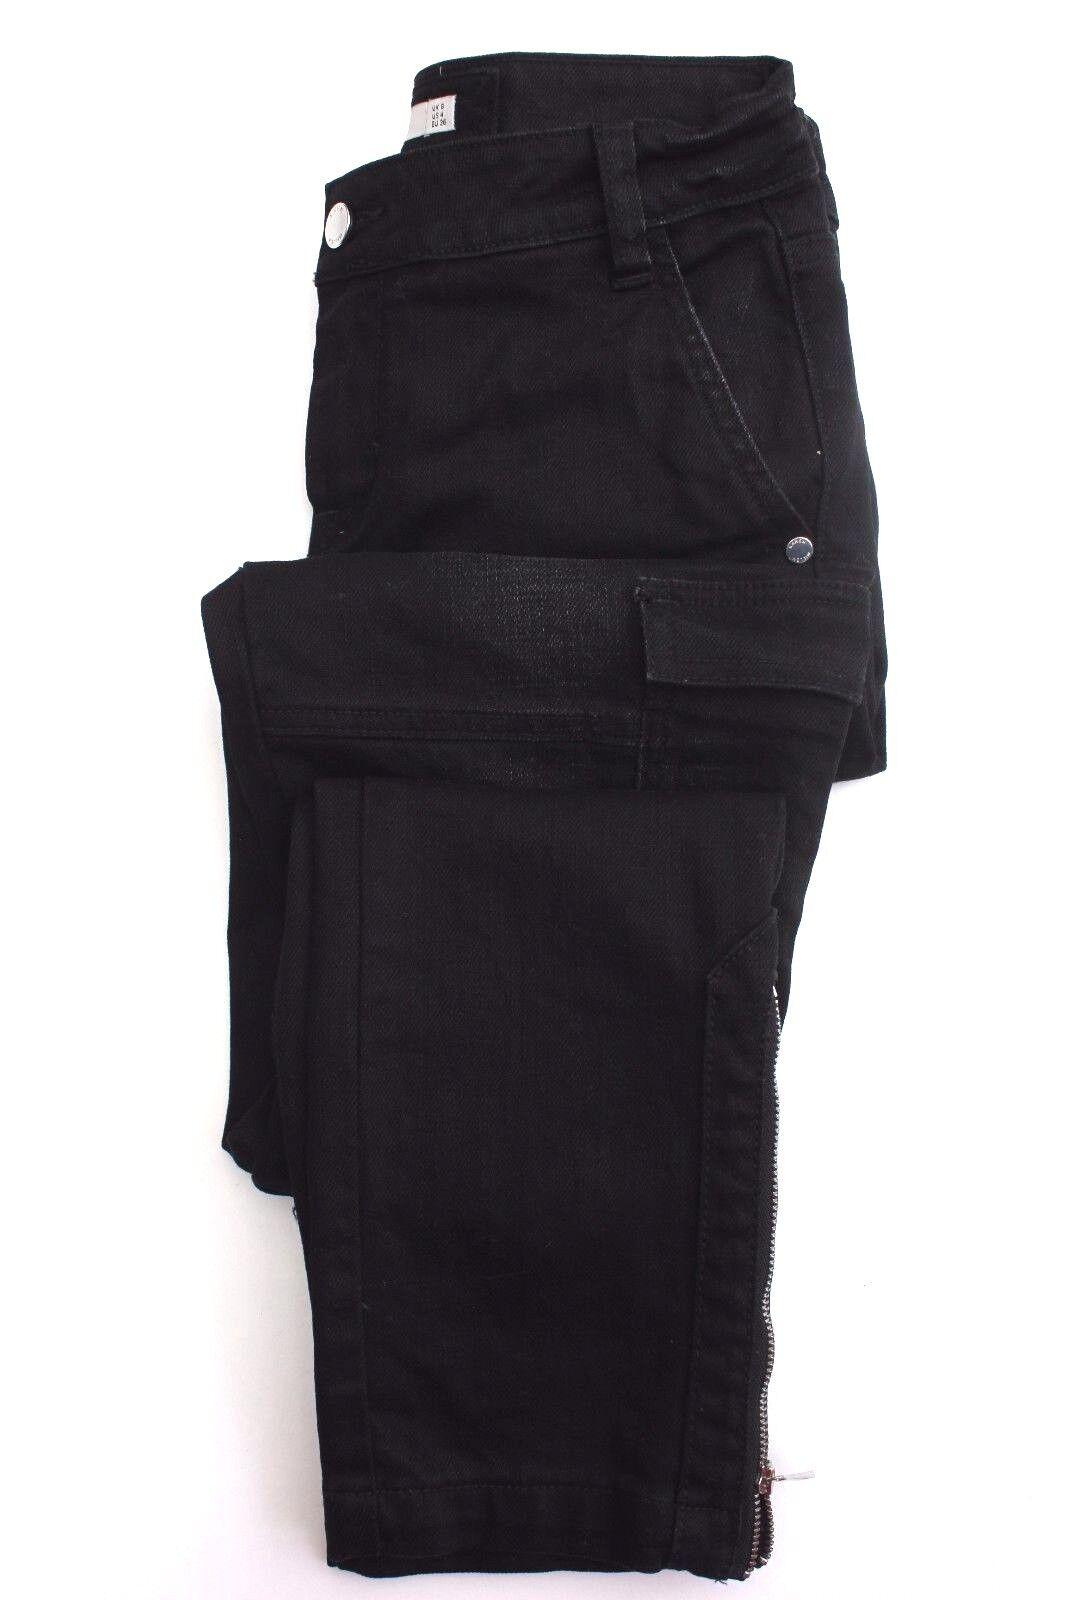 Karen Millen schwarz Combat PL060 Skinny Slim Pocket Denim Jeans Trousers 8 36 New